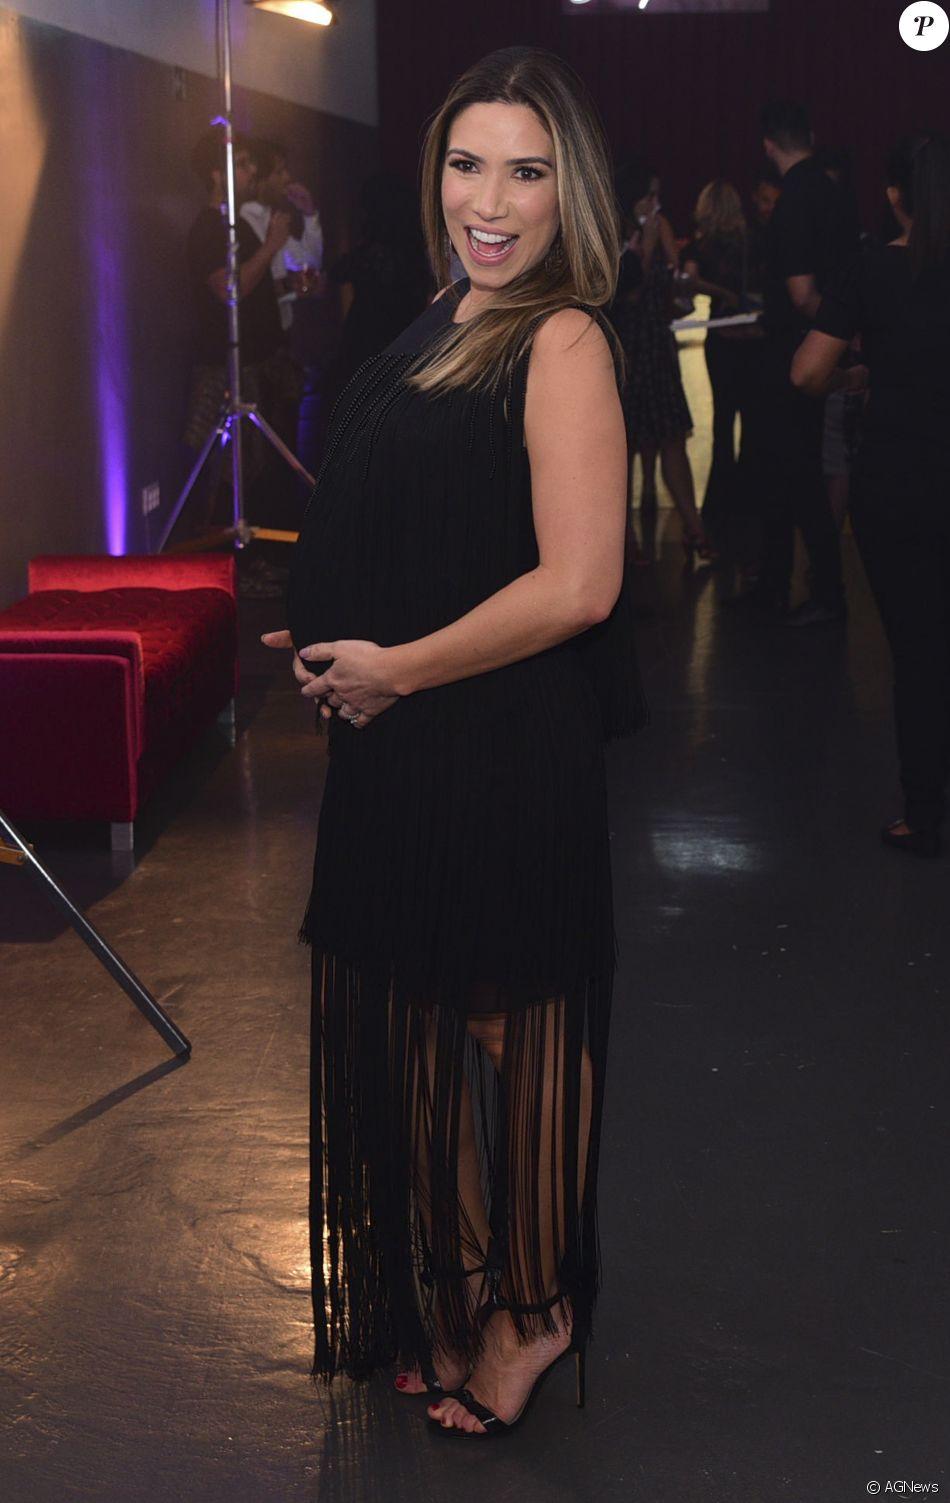 Patricia Abravanel babou pela filha, Jane, de quase 1 mês, em foto: 'Olha como estou linda'